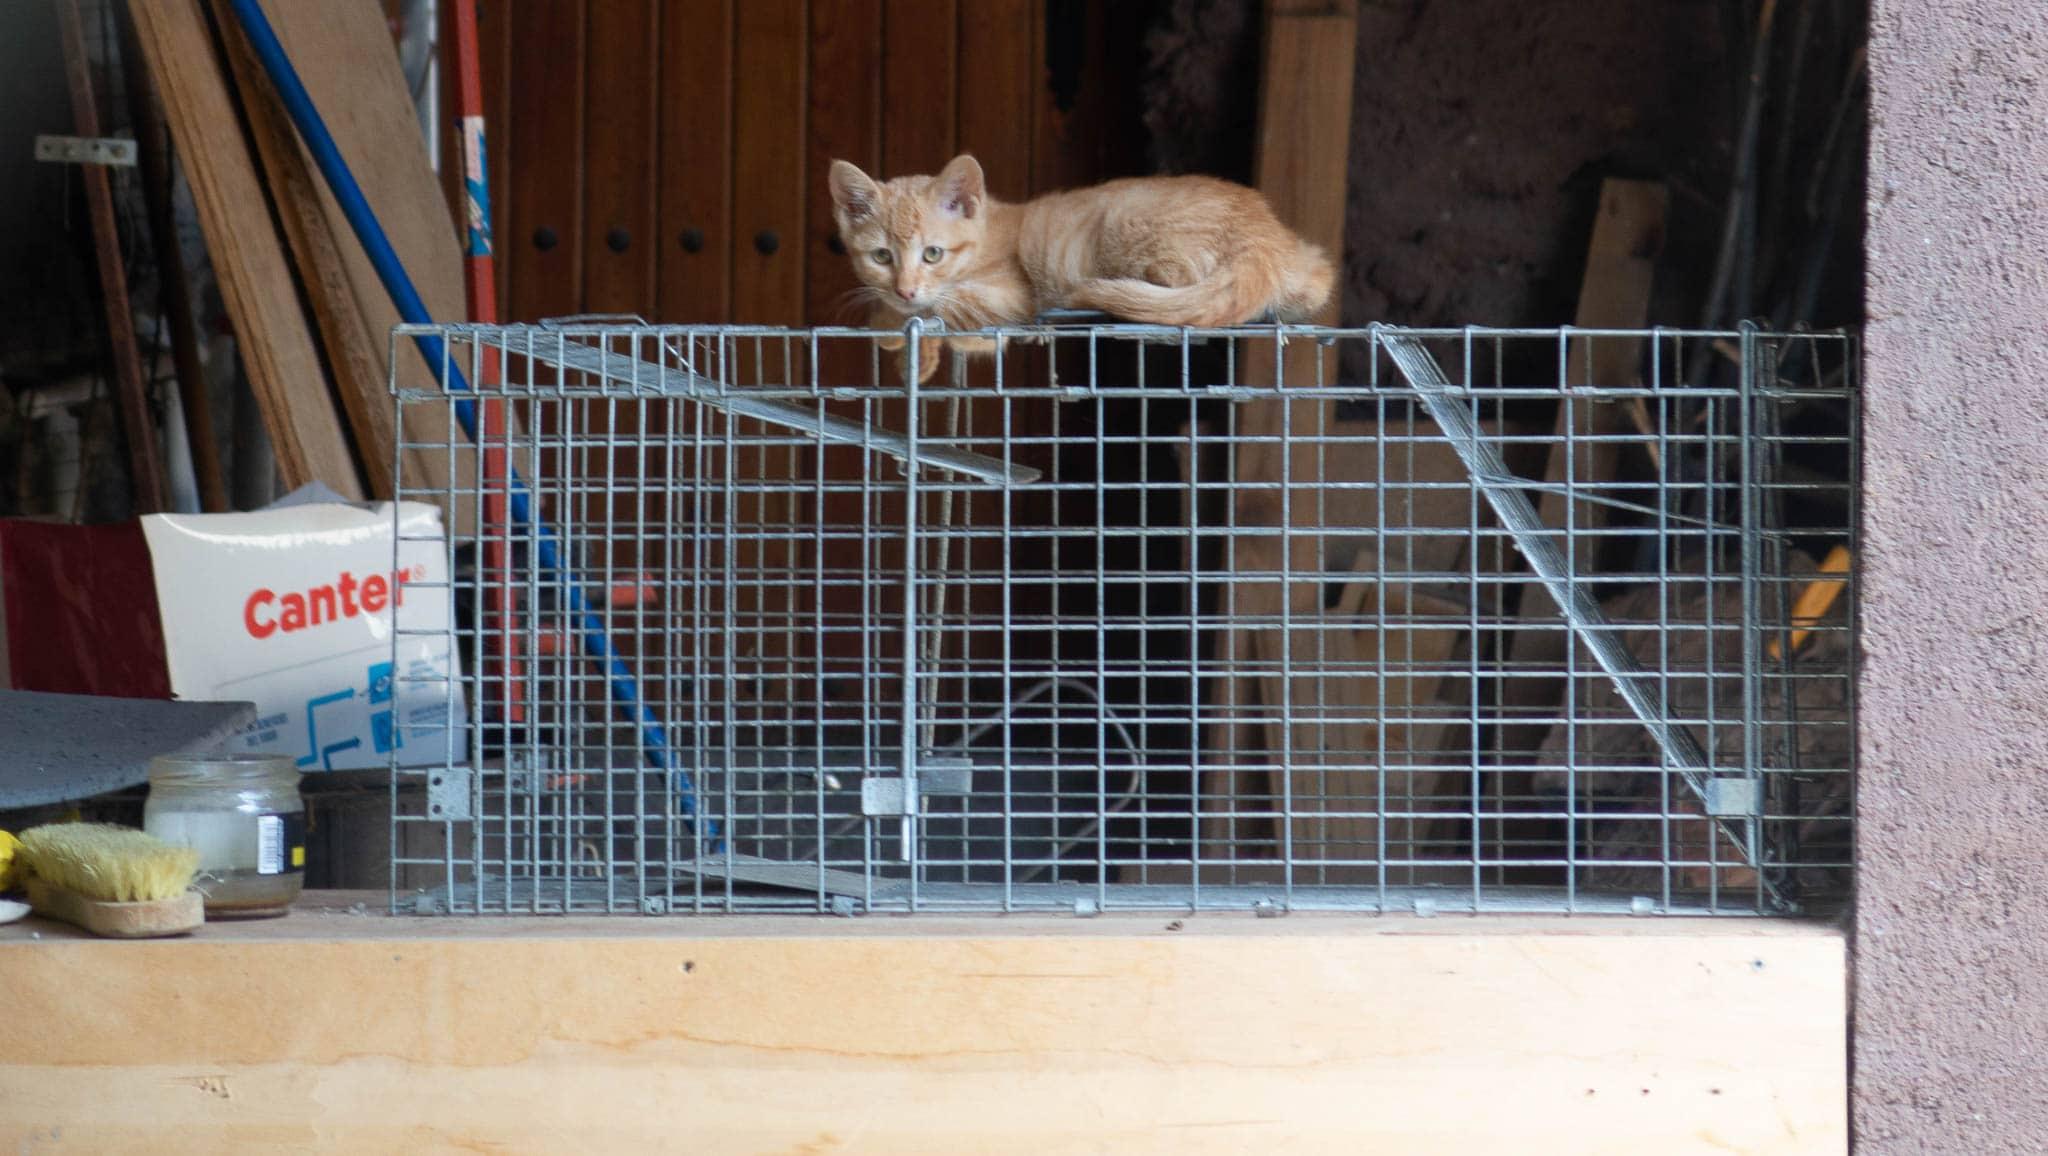 Rote junge Katze auf einem Käfig